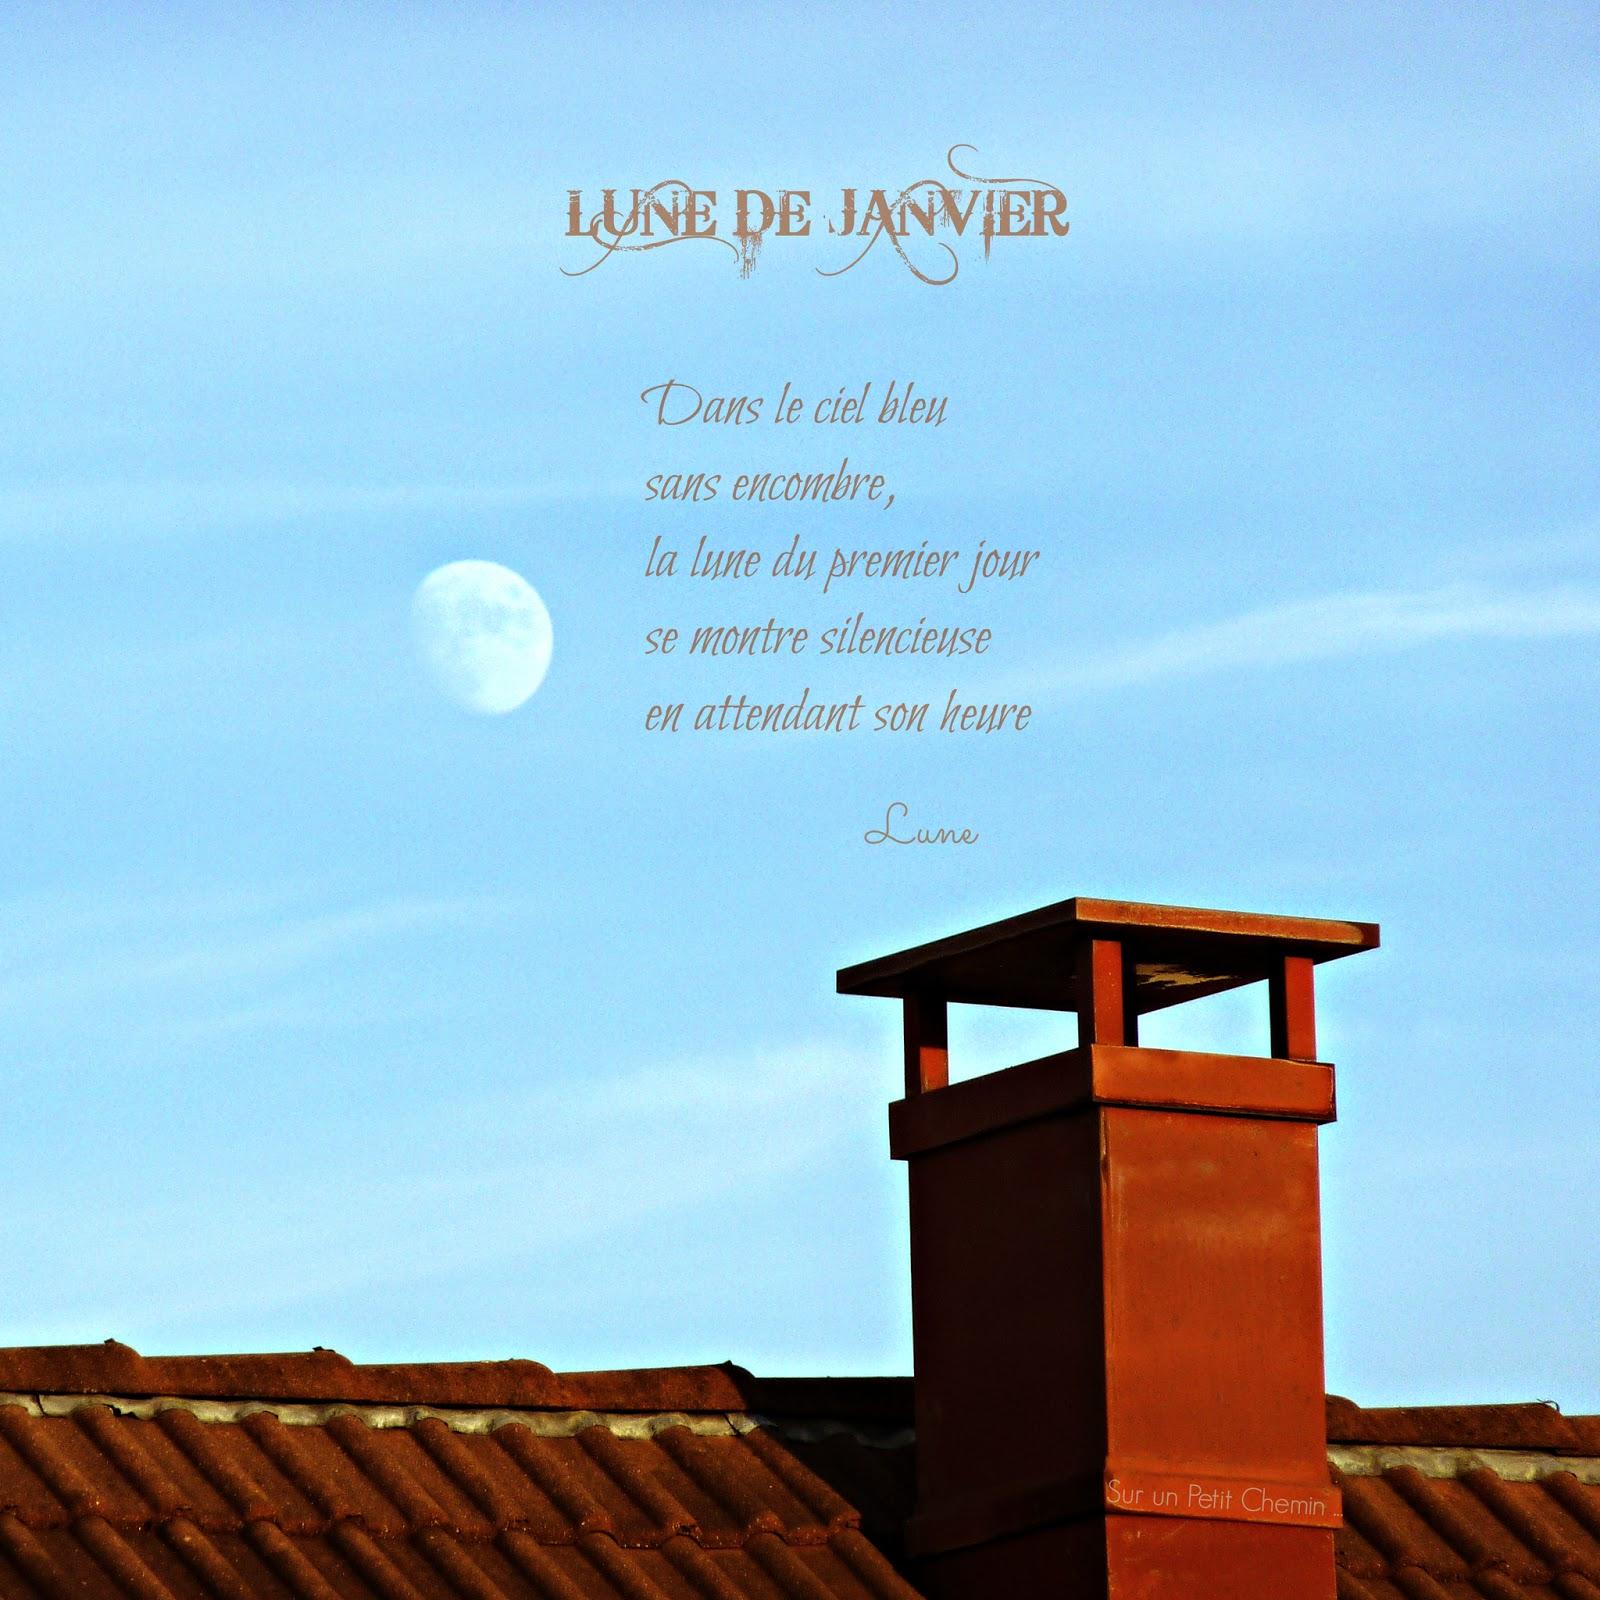 Lune de Janvier - Le premier jour 2015